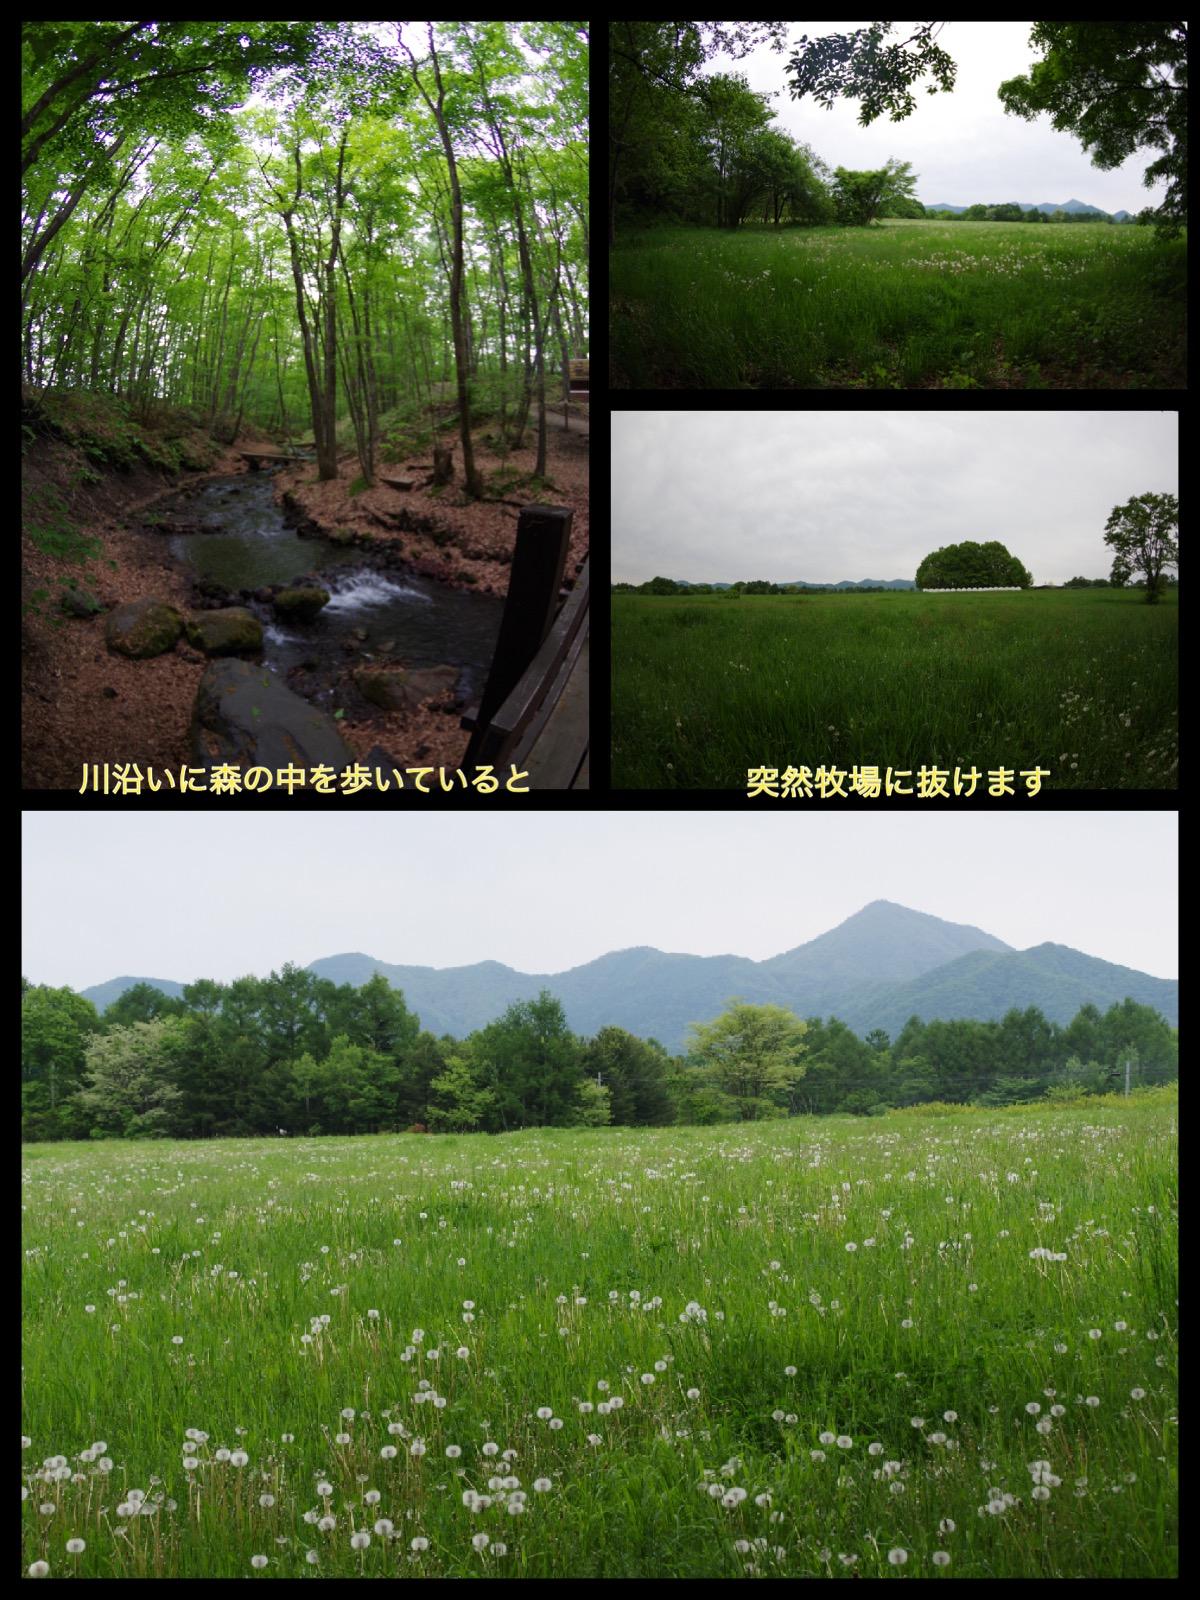 北軽井沢スウィートグラス 施設 散歩